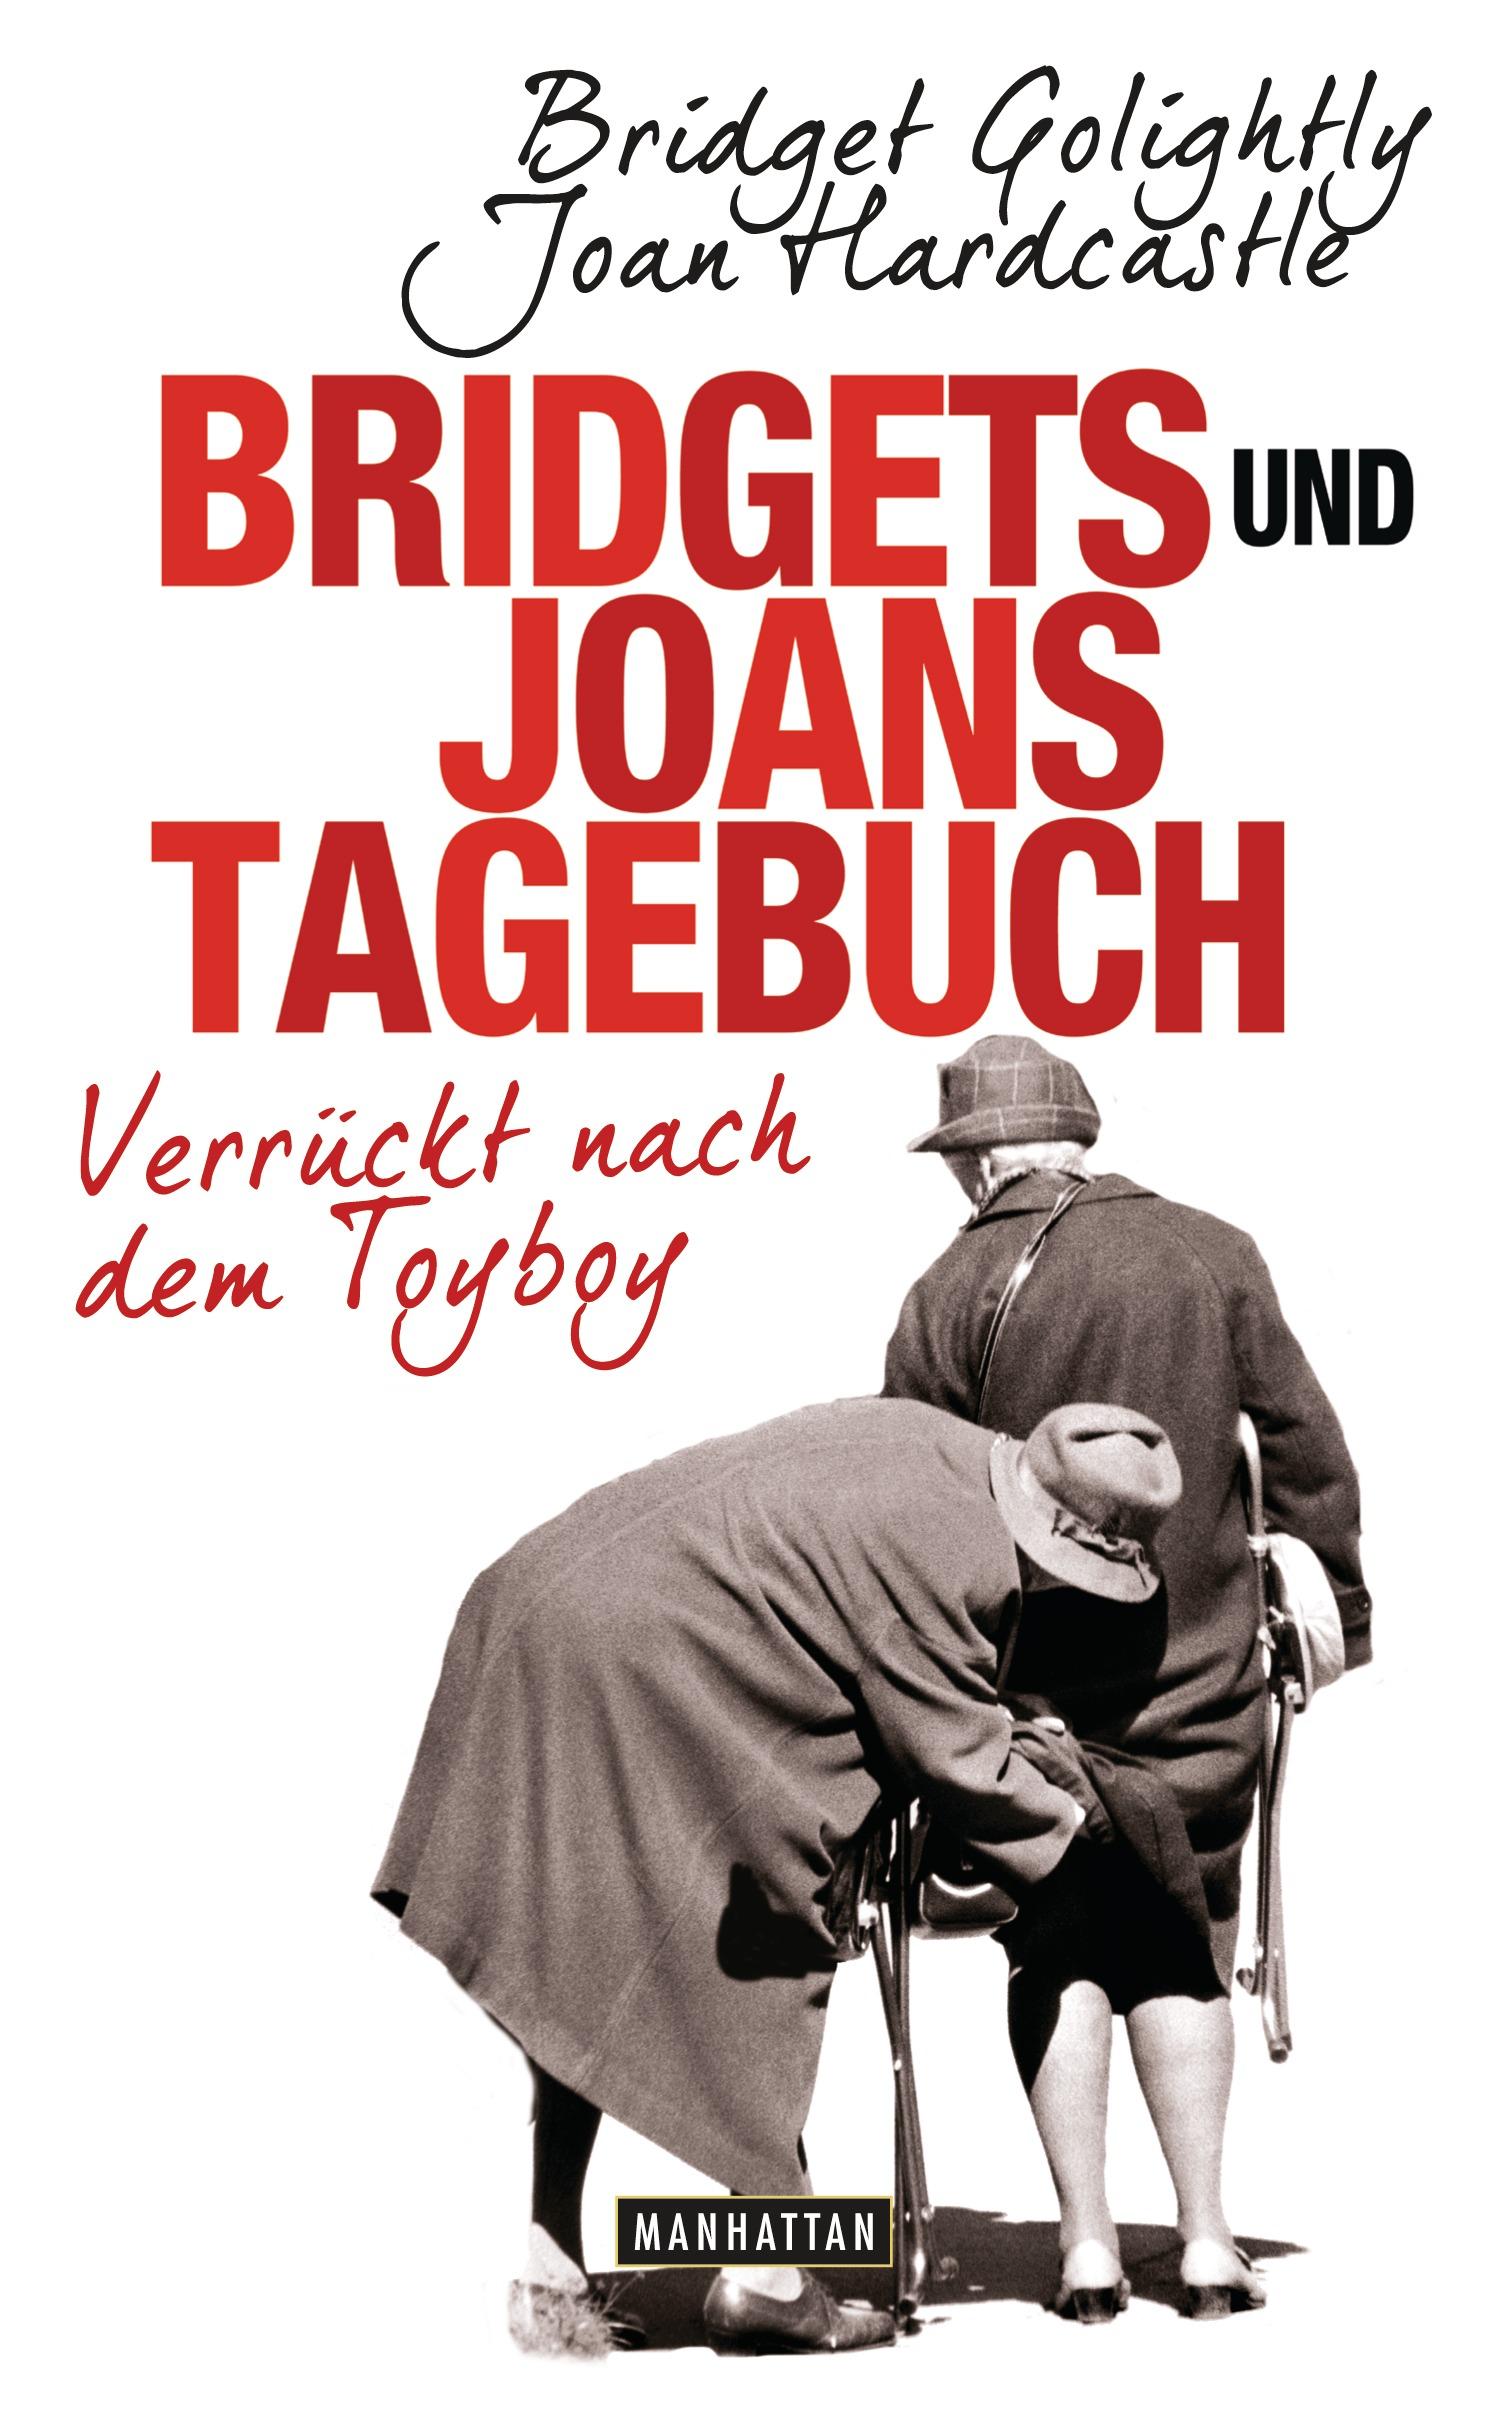 Bridgets und Joans Tagebuch Verrueckt nach dem Toyboy von Bridget Golightly